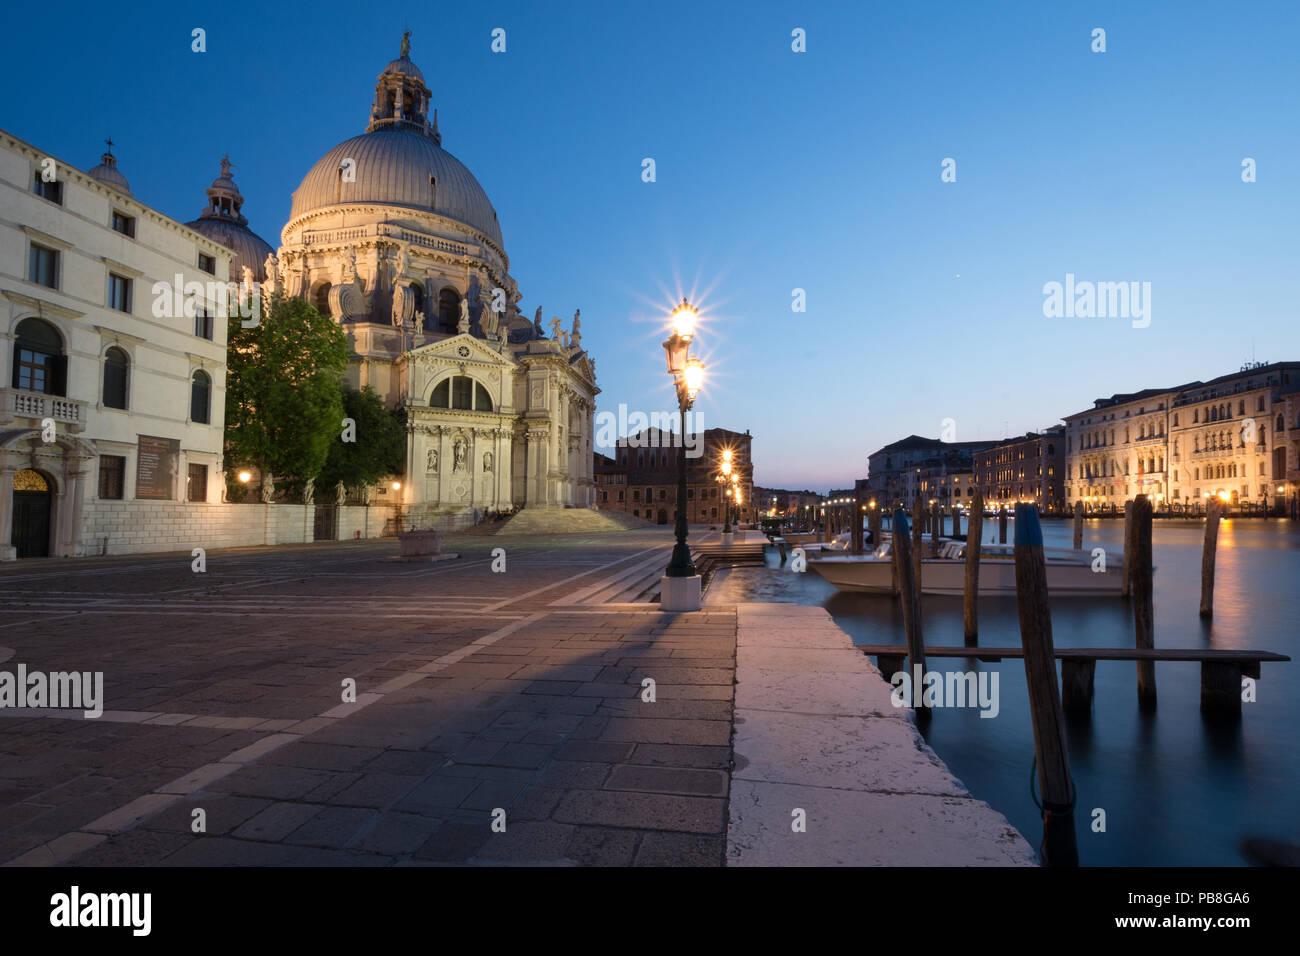 Fondamenta Salute, Dorsoduro, venice, Italy - Stock Image